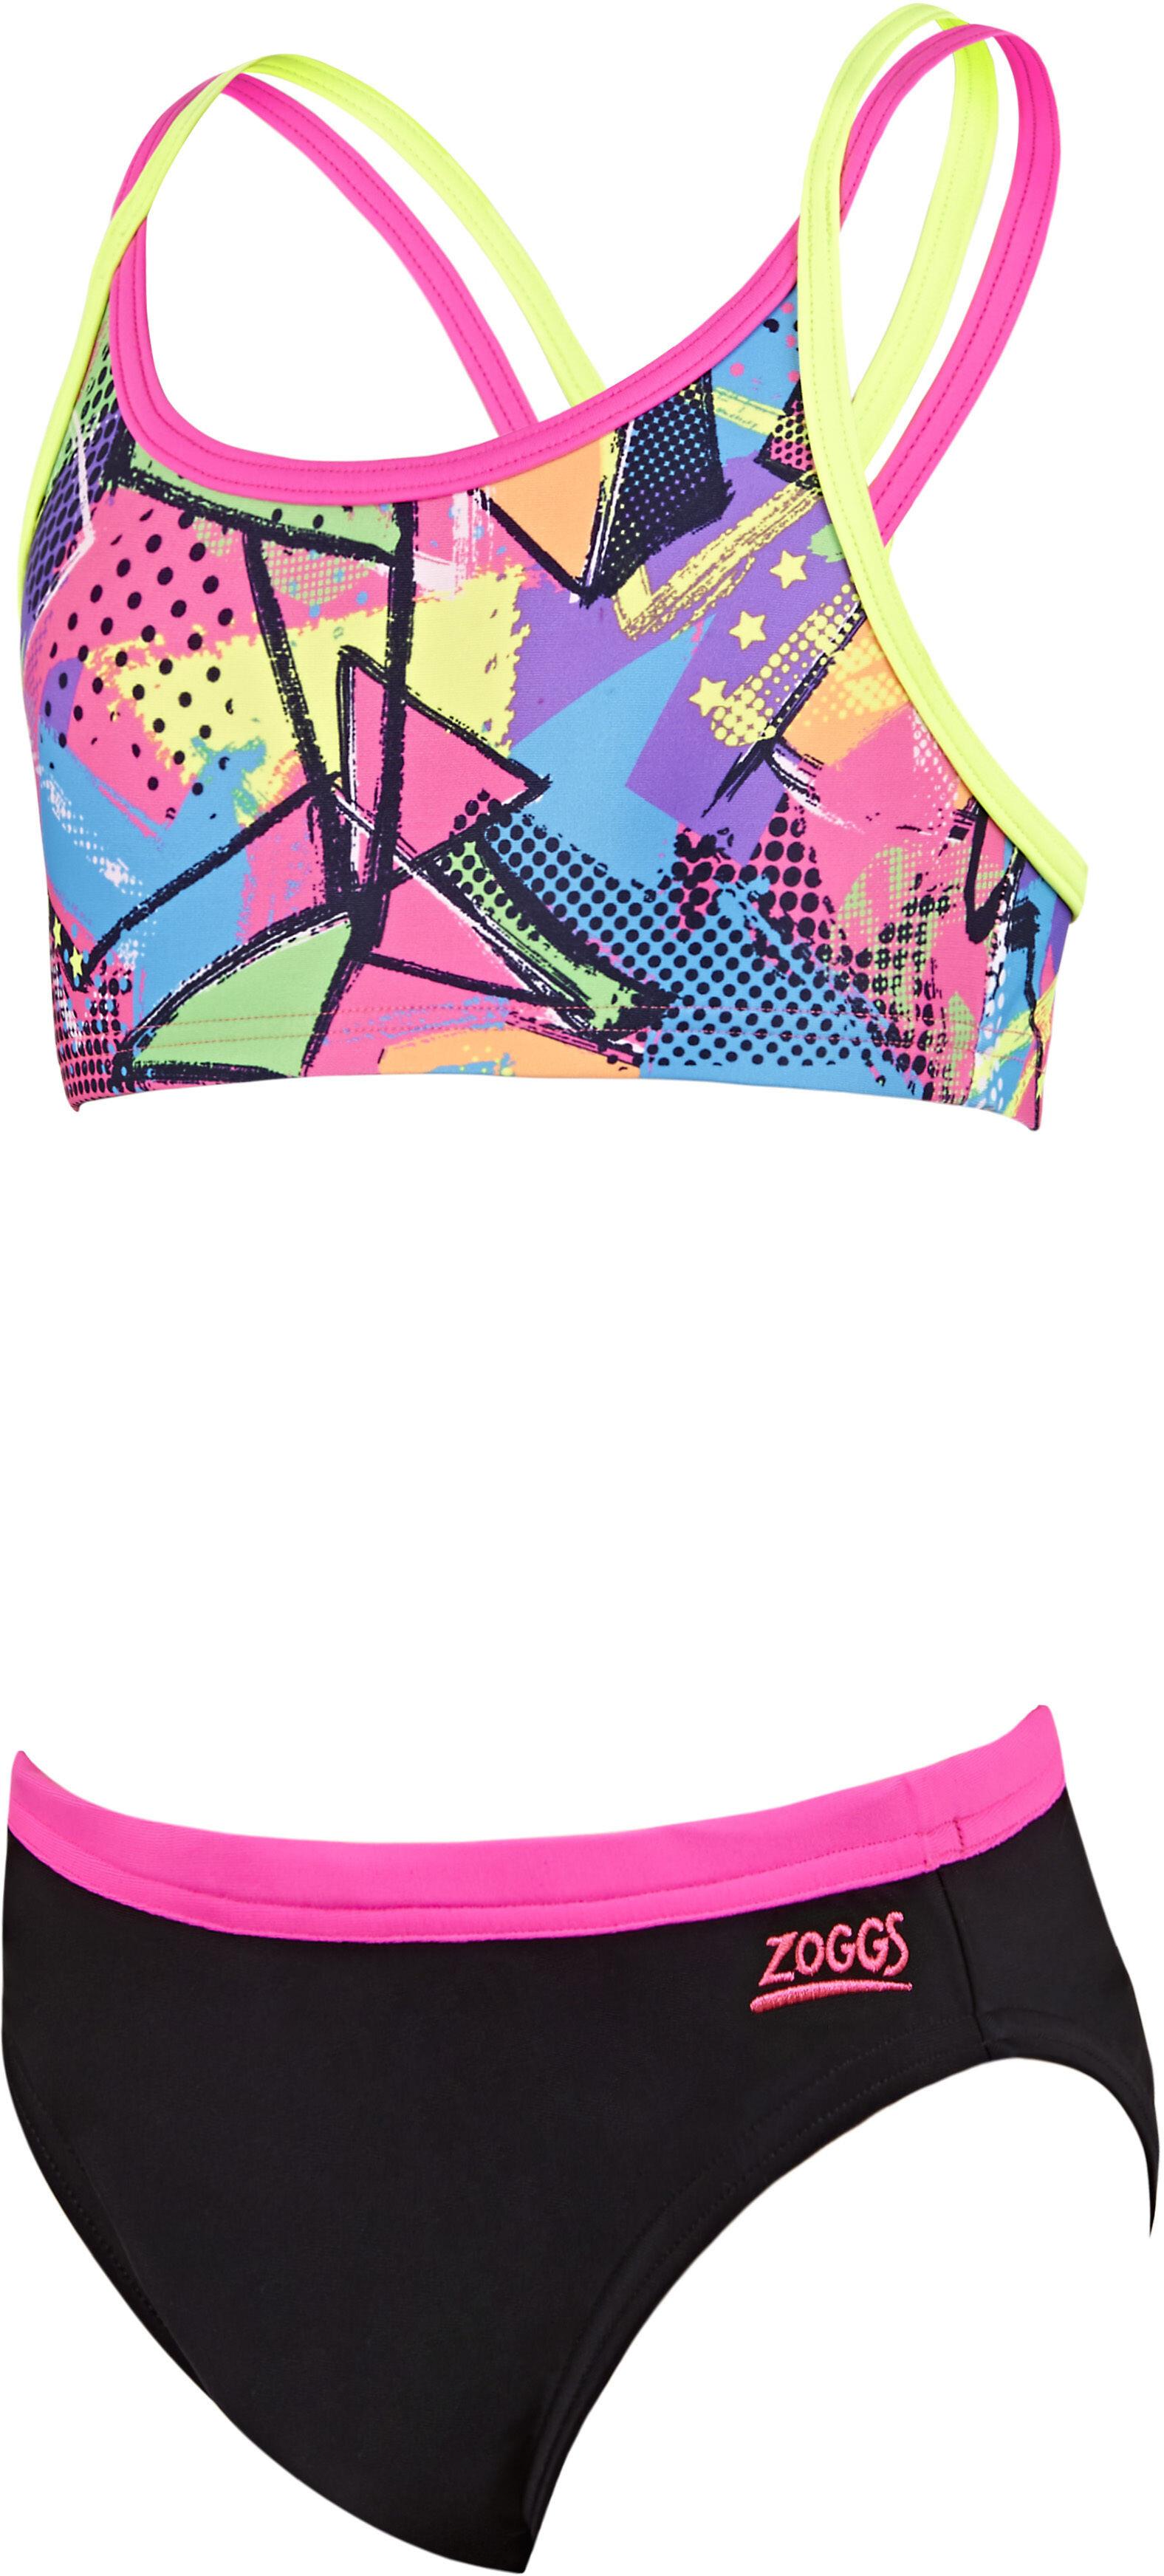 Zoggs Street Bikini Barn svart flerfärgad - till fenomenalt pris på ... 10672ee19127c